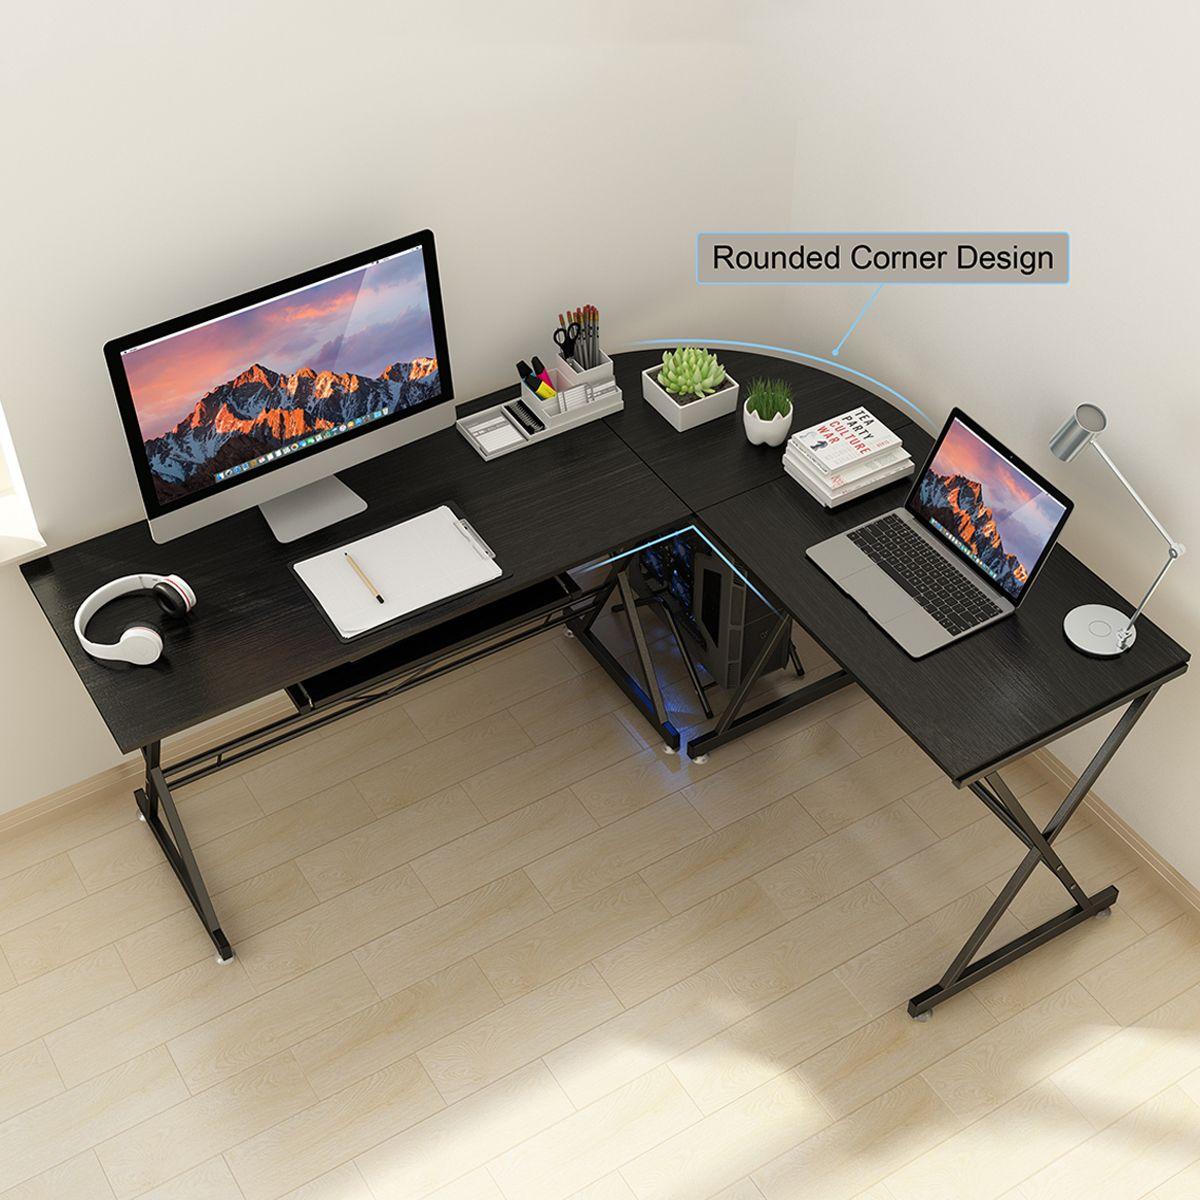 Free 2 Day Shipping Buy Gaming Desks Large Ergonomic Gaming Desk Computer Desk L Shaped Corner Computer Desk P In 2020 Pc Gaming Table Corner Computer Desk Pc Desk